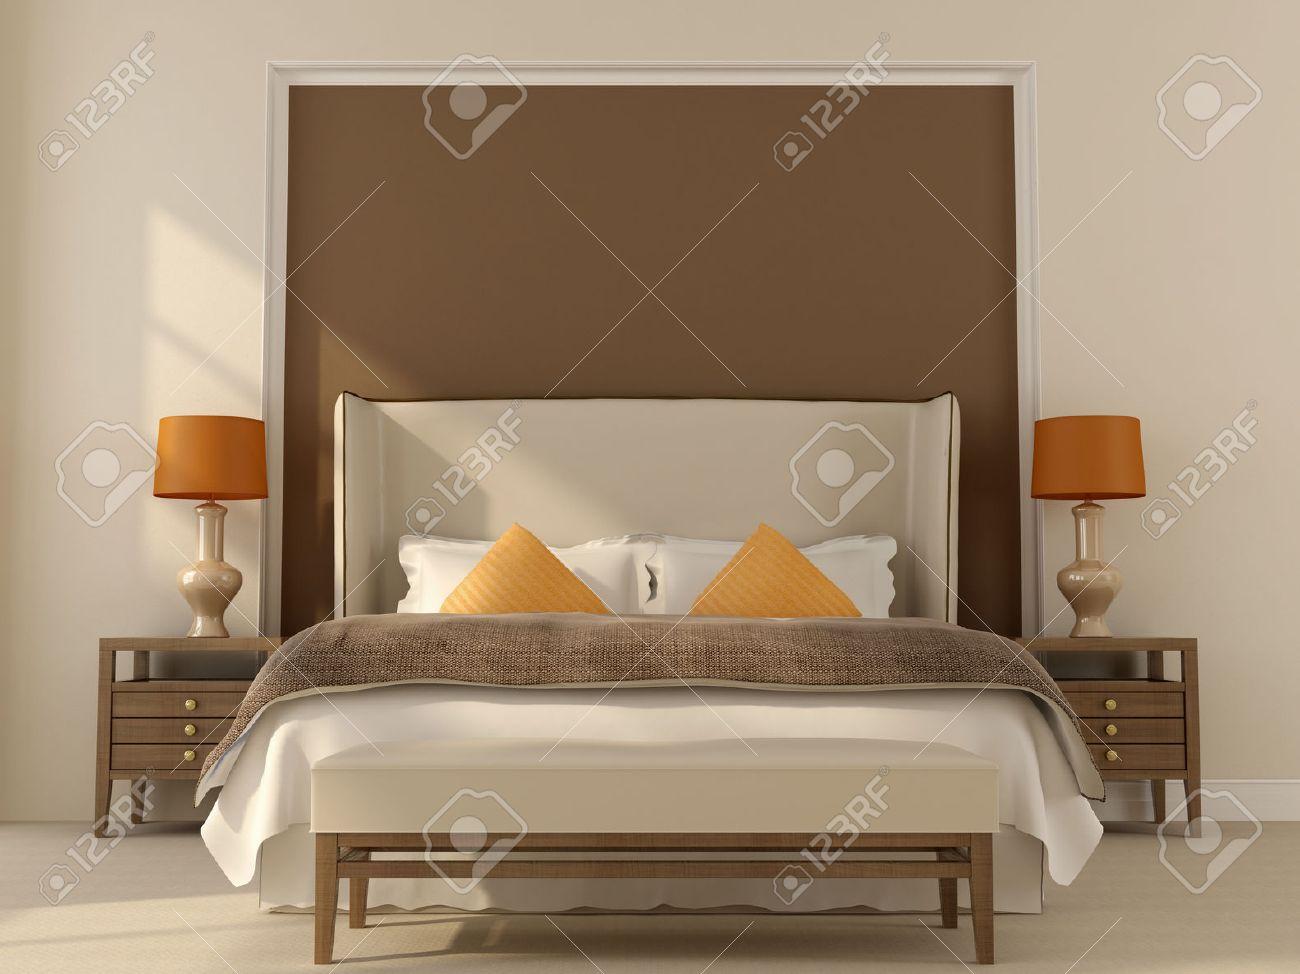 Chambre Dans Des Tons Beige Et Marron Avec Décoration D\'orange ...